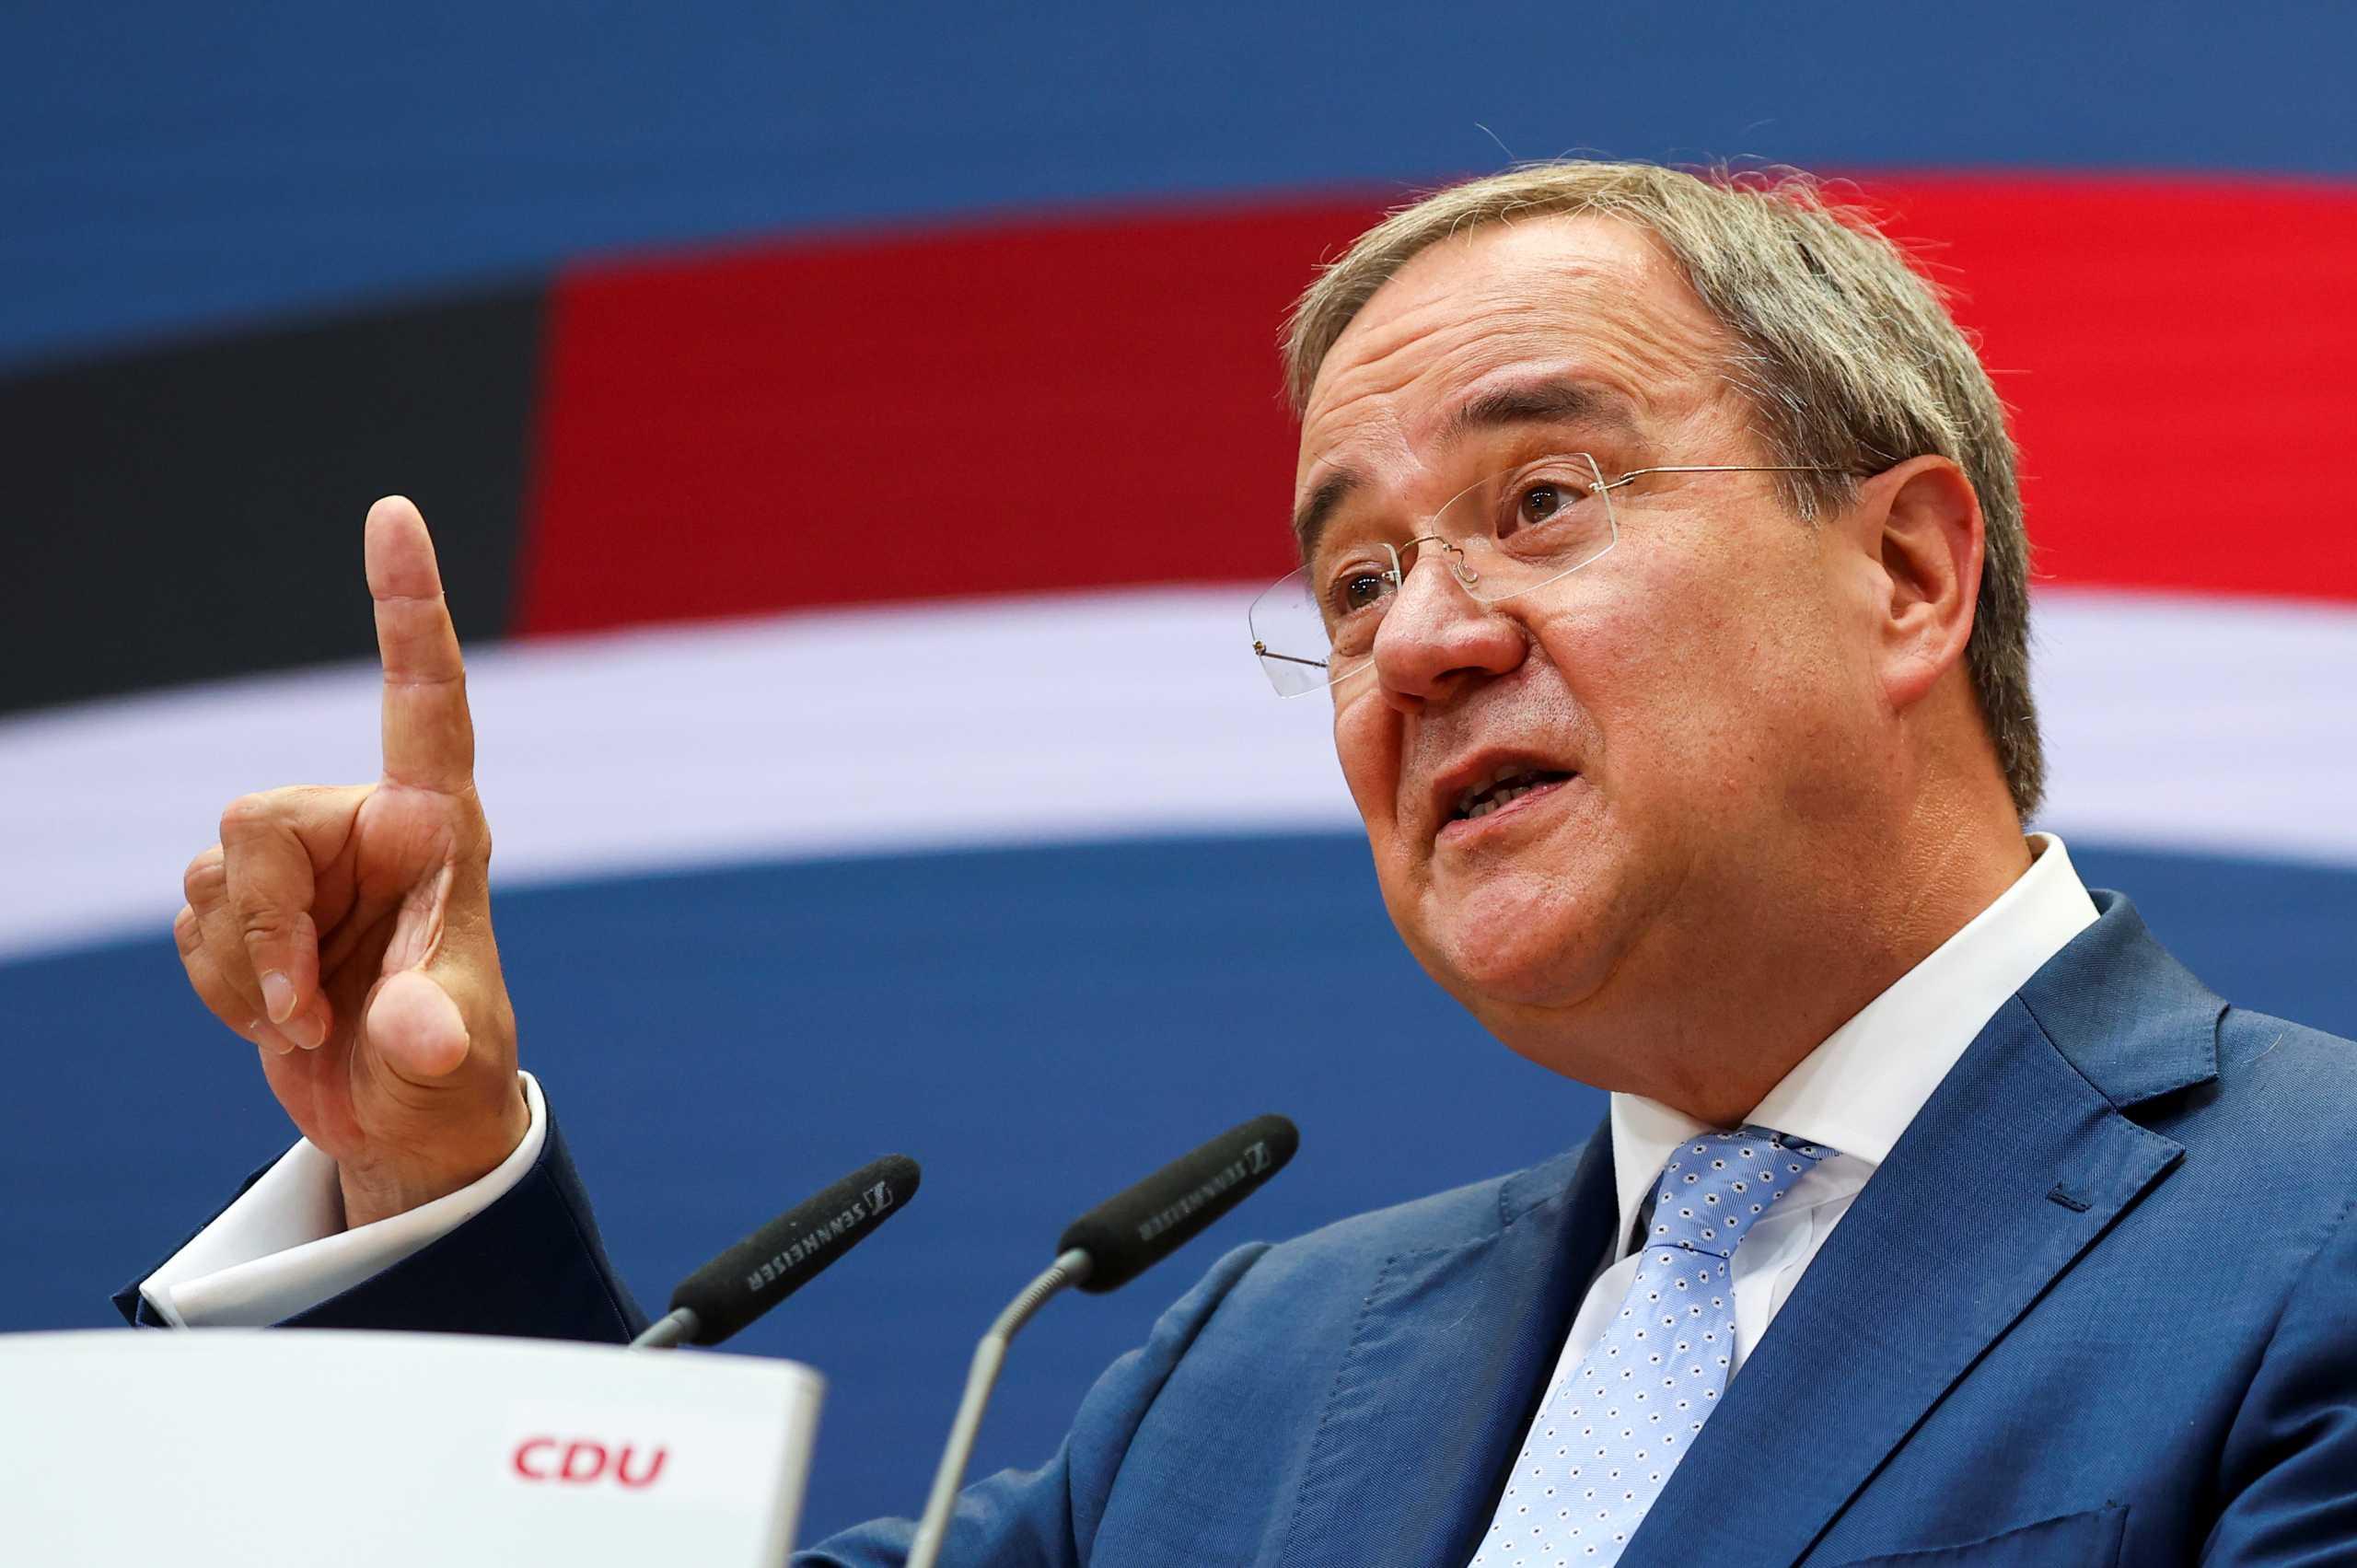 Εκλογές στη Γερμανία – Άρμιν Λάσετ: Κανένα κόμμα δεν έχει την εντολή να κυβερνήσει